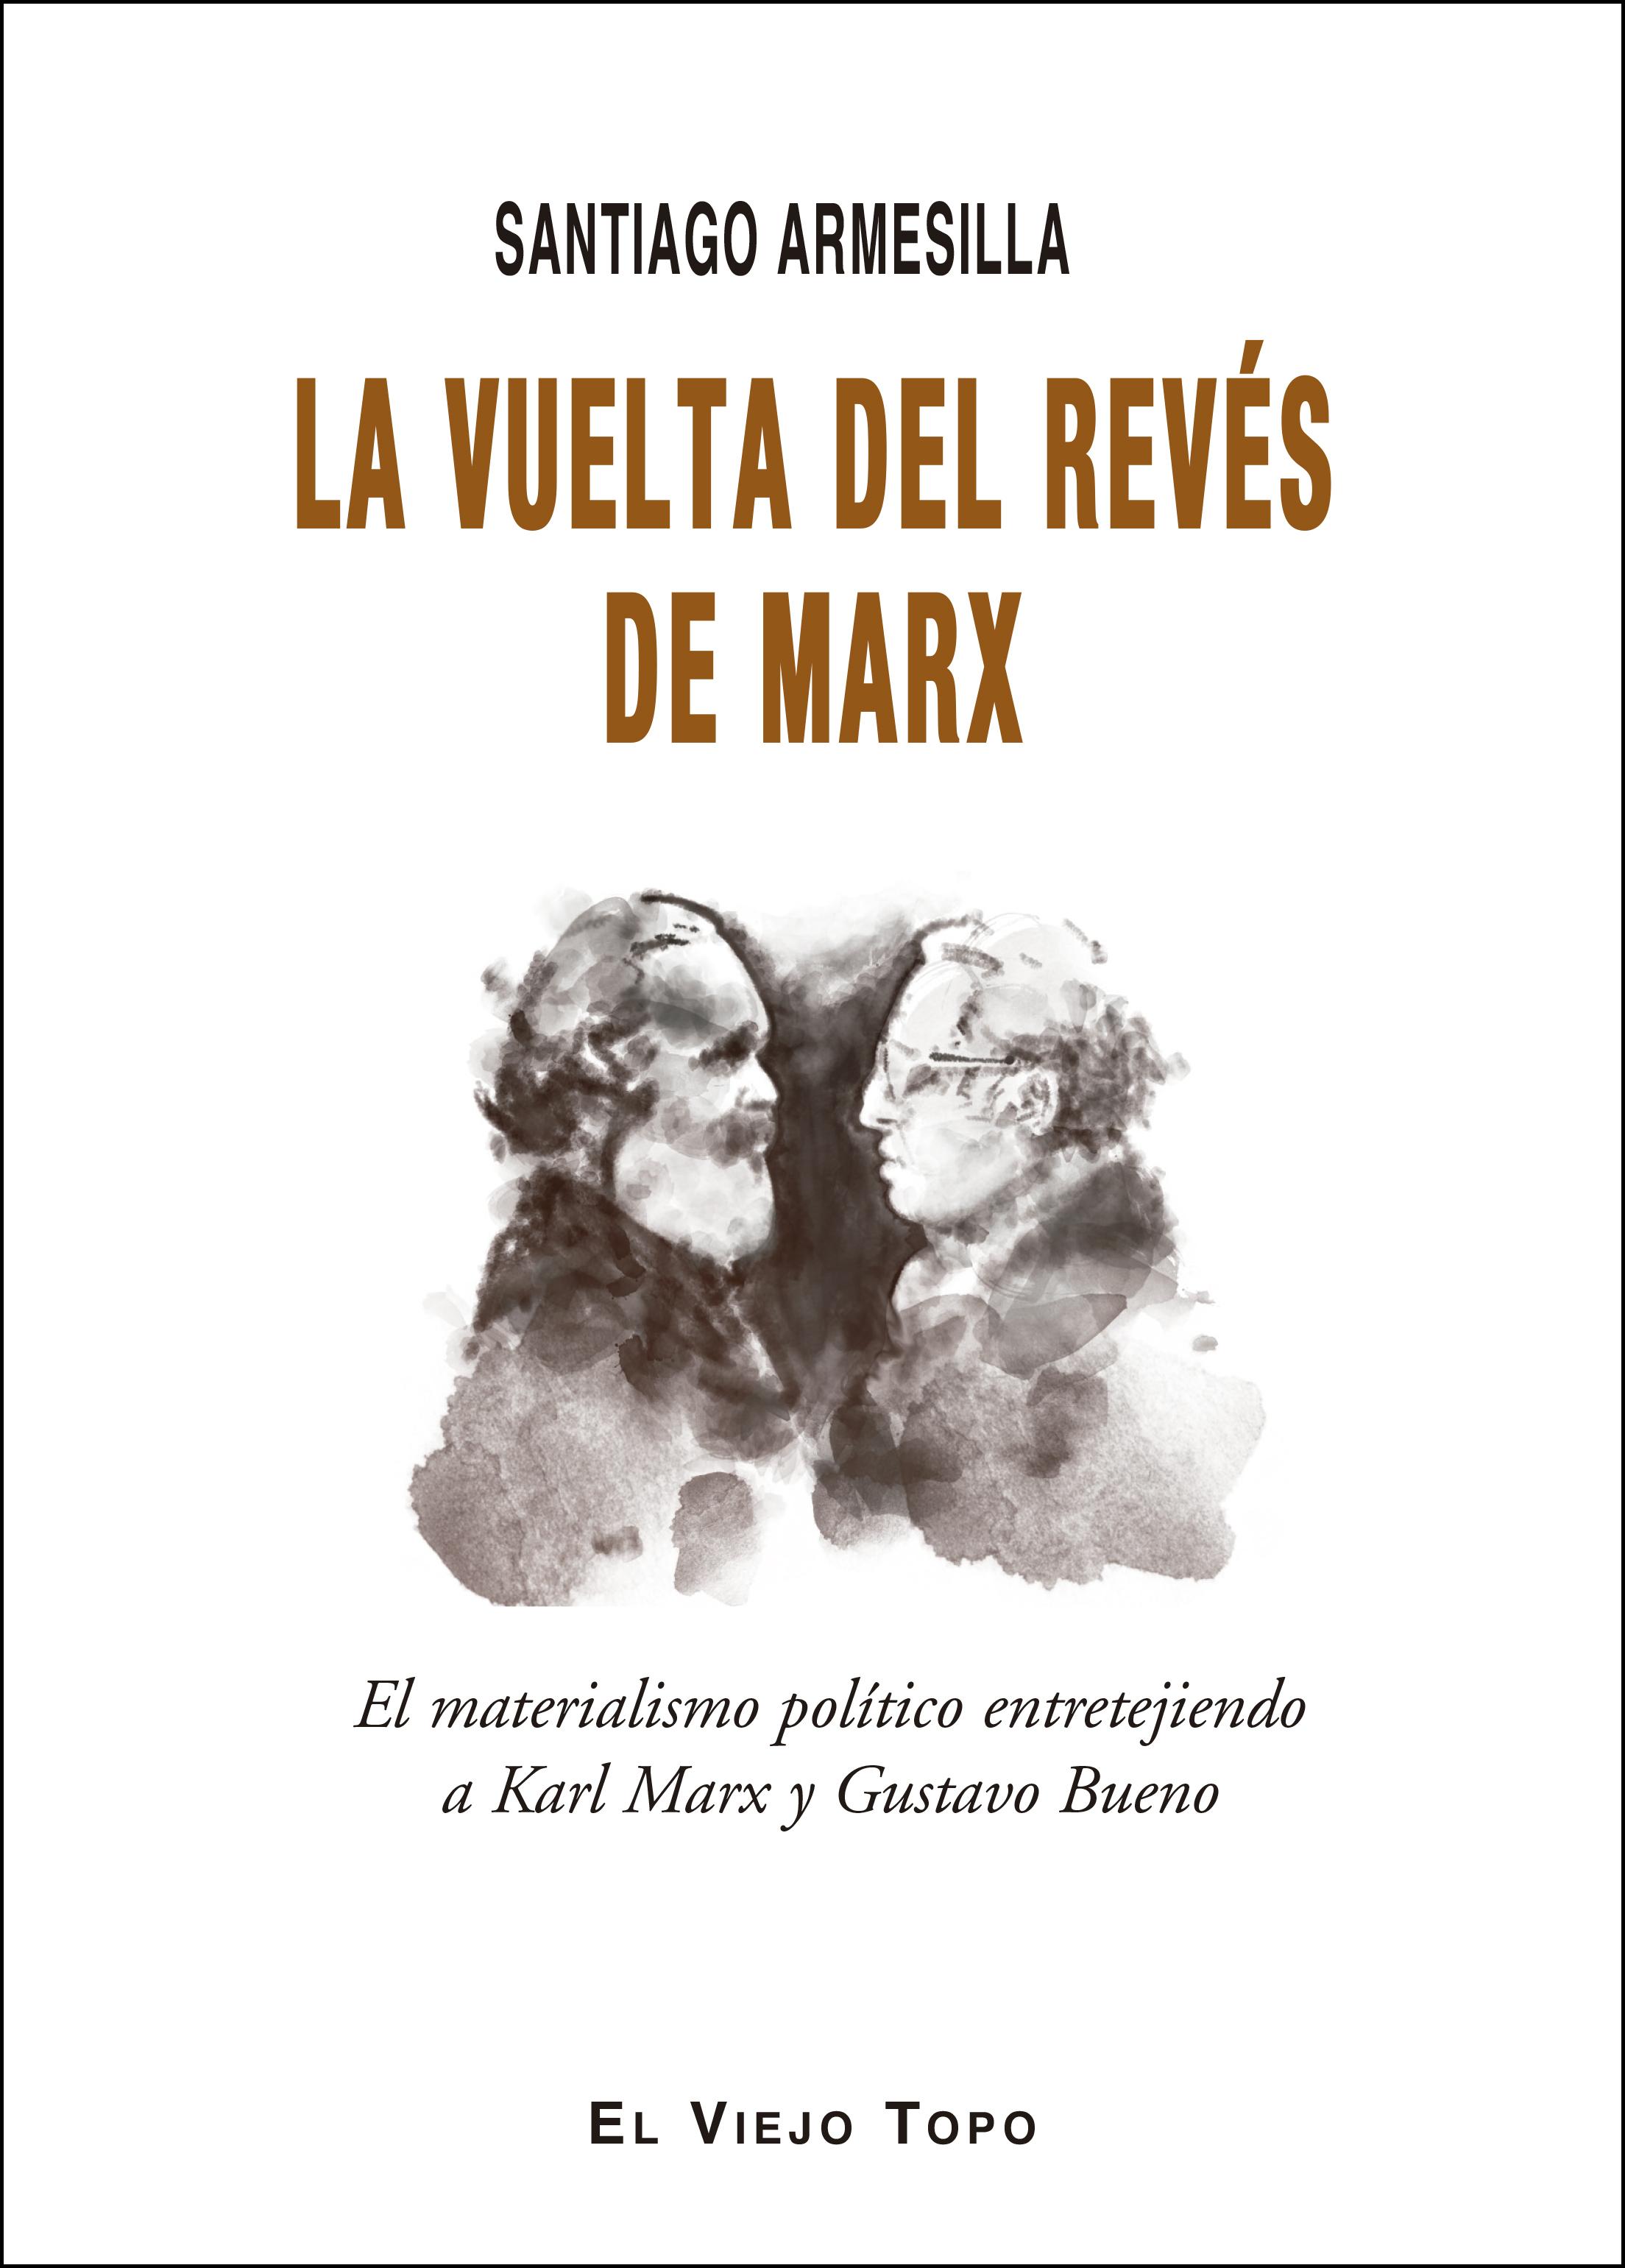 La vuelta al revés de Marx